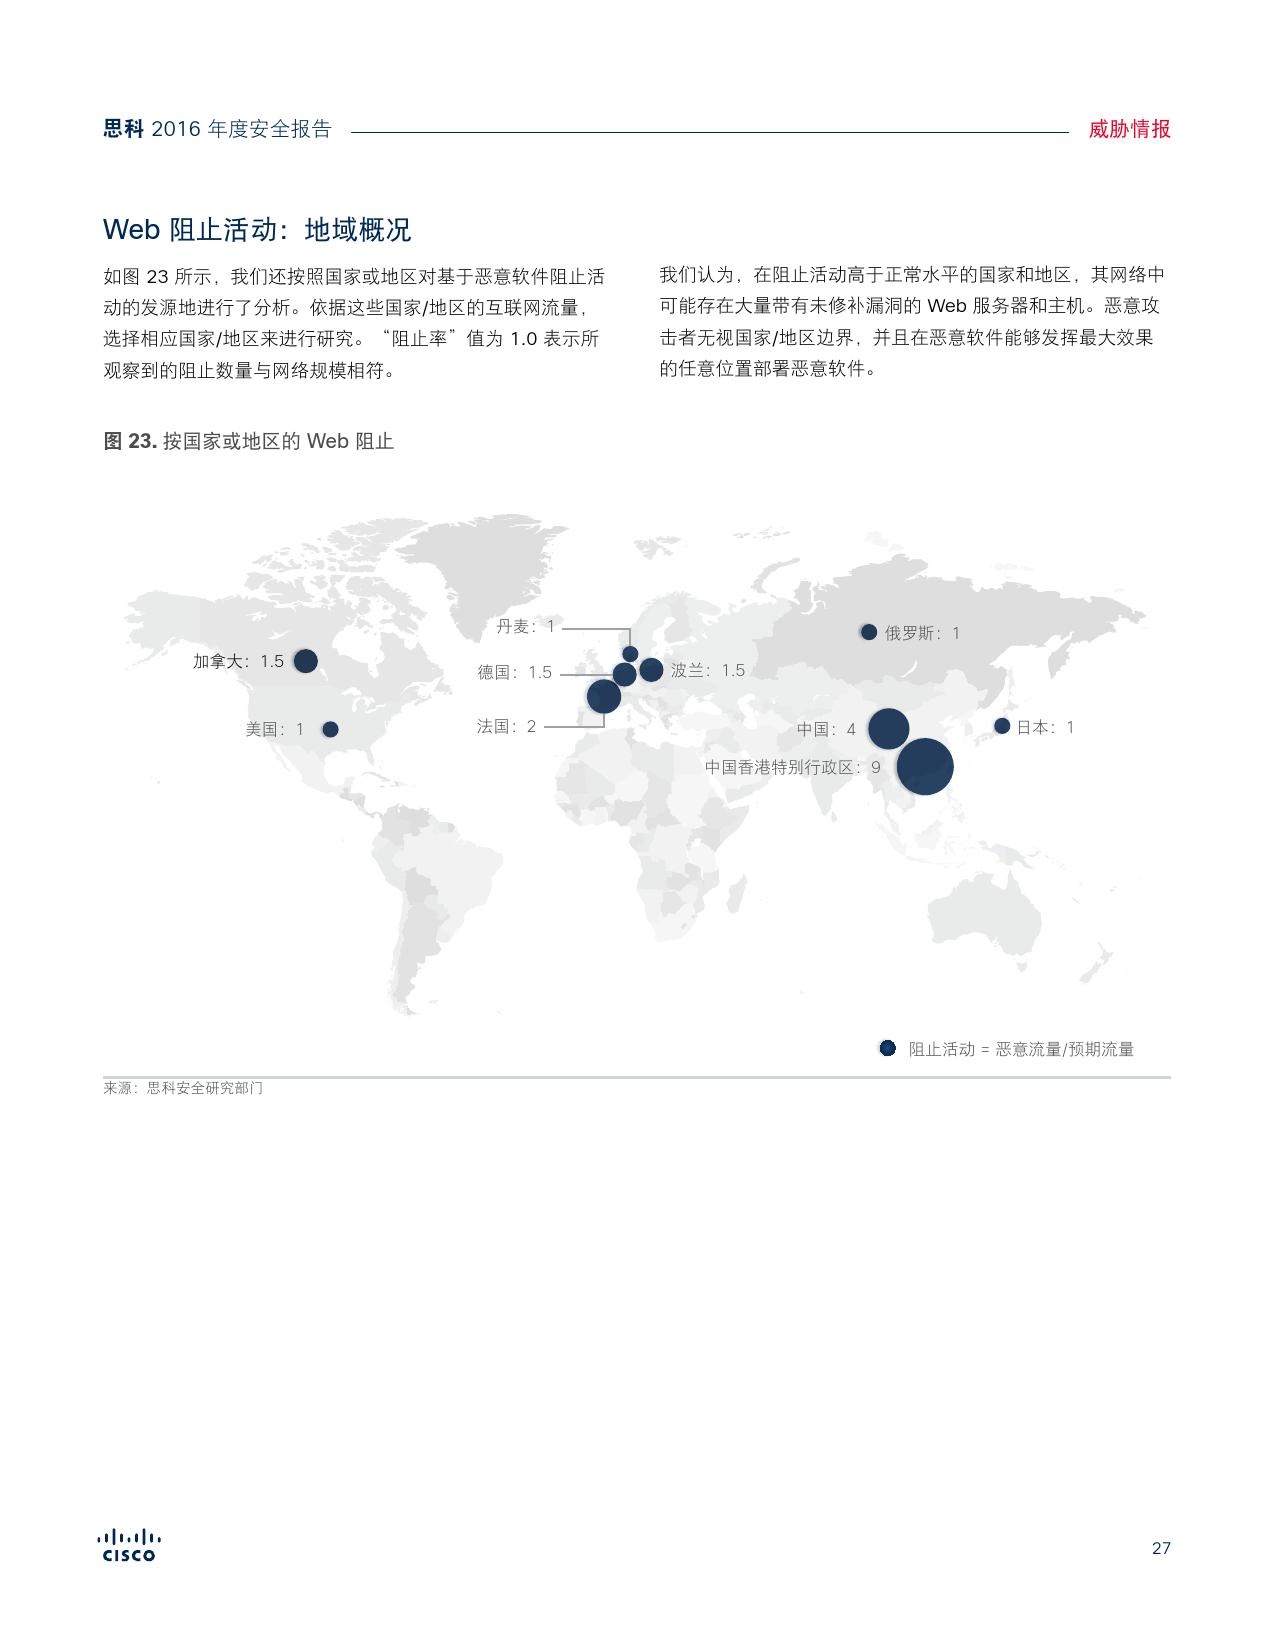 2016年中网络安全报告_000027